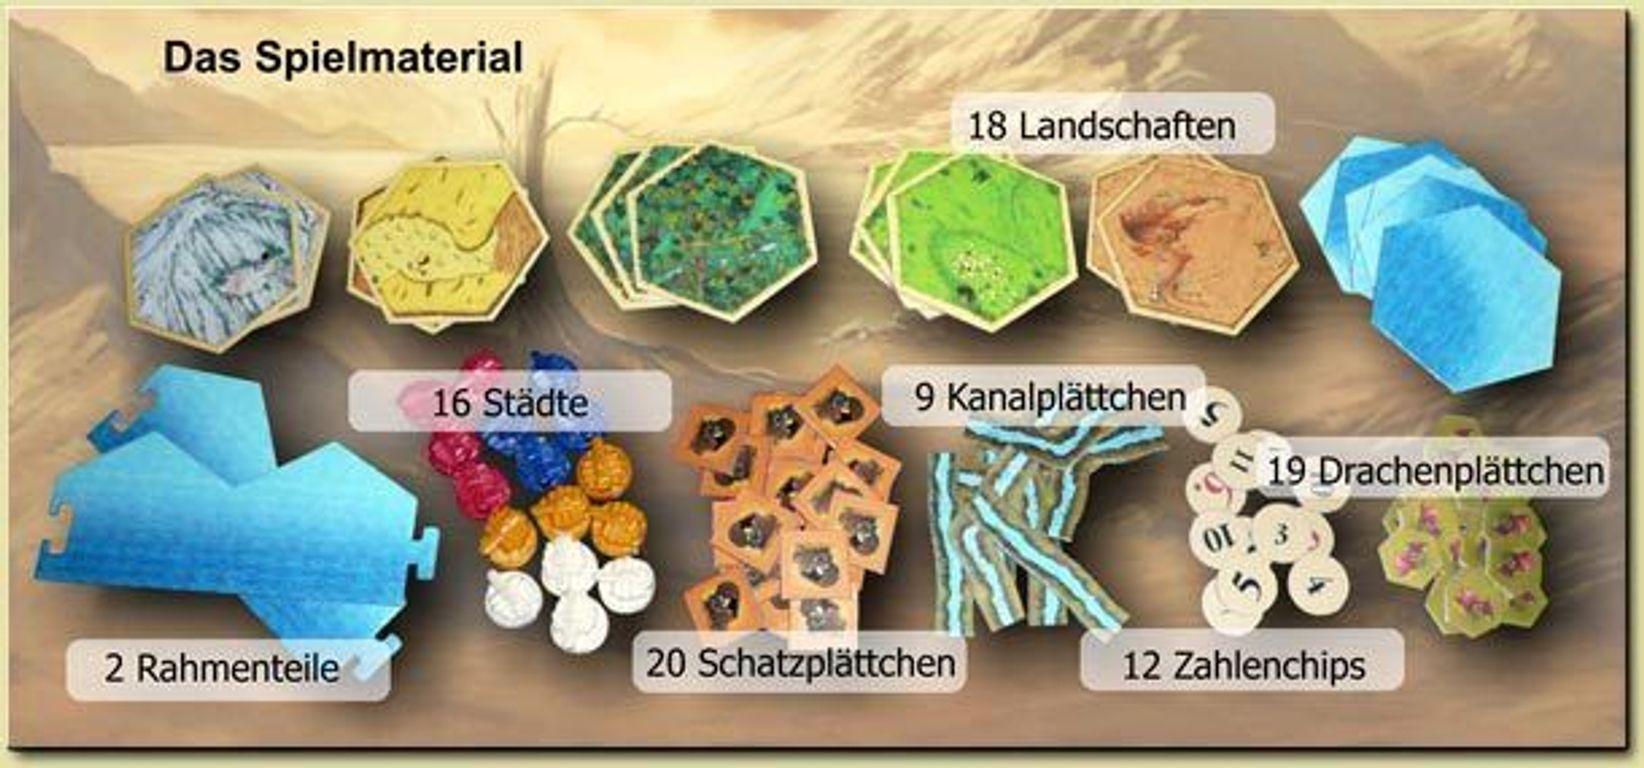 Die Siedler von Catan: Schätze, Drachen & Entdecker components